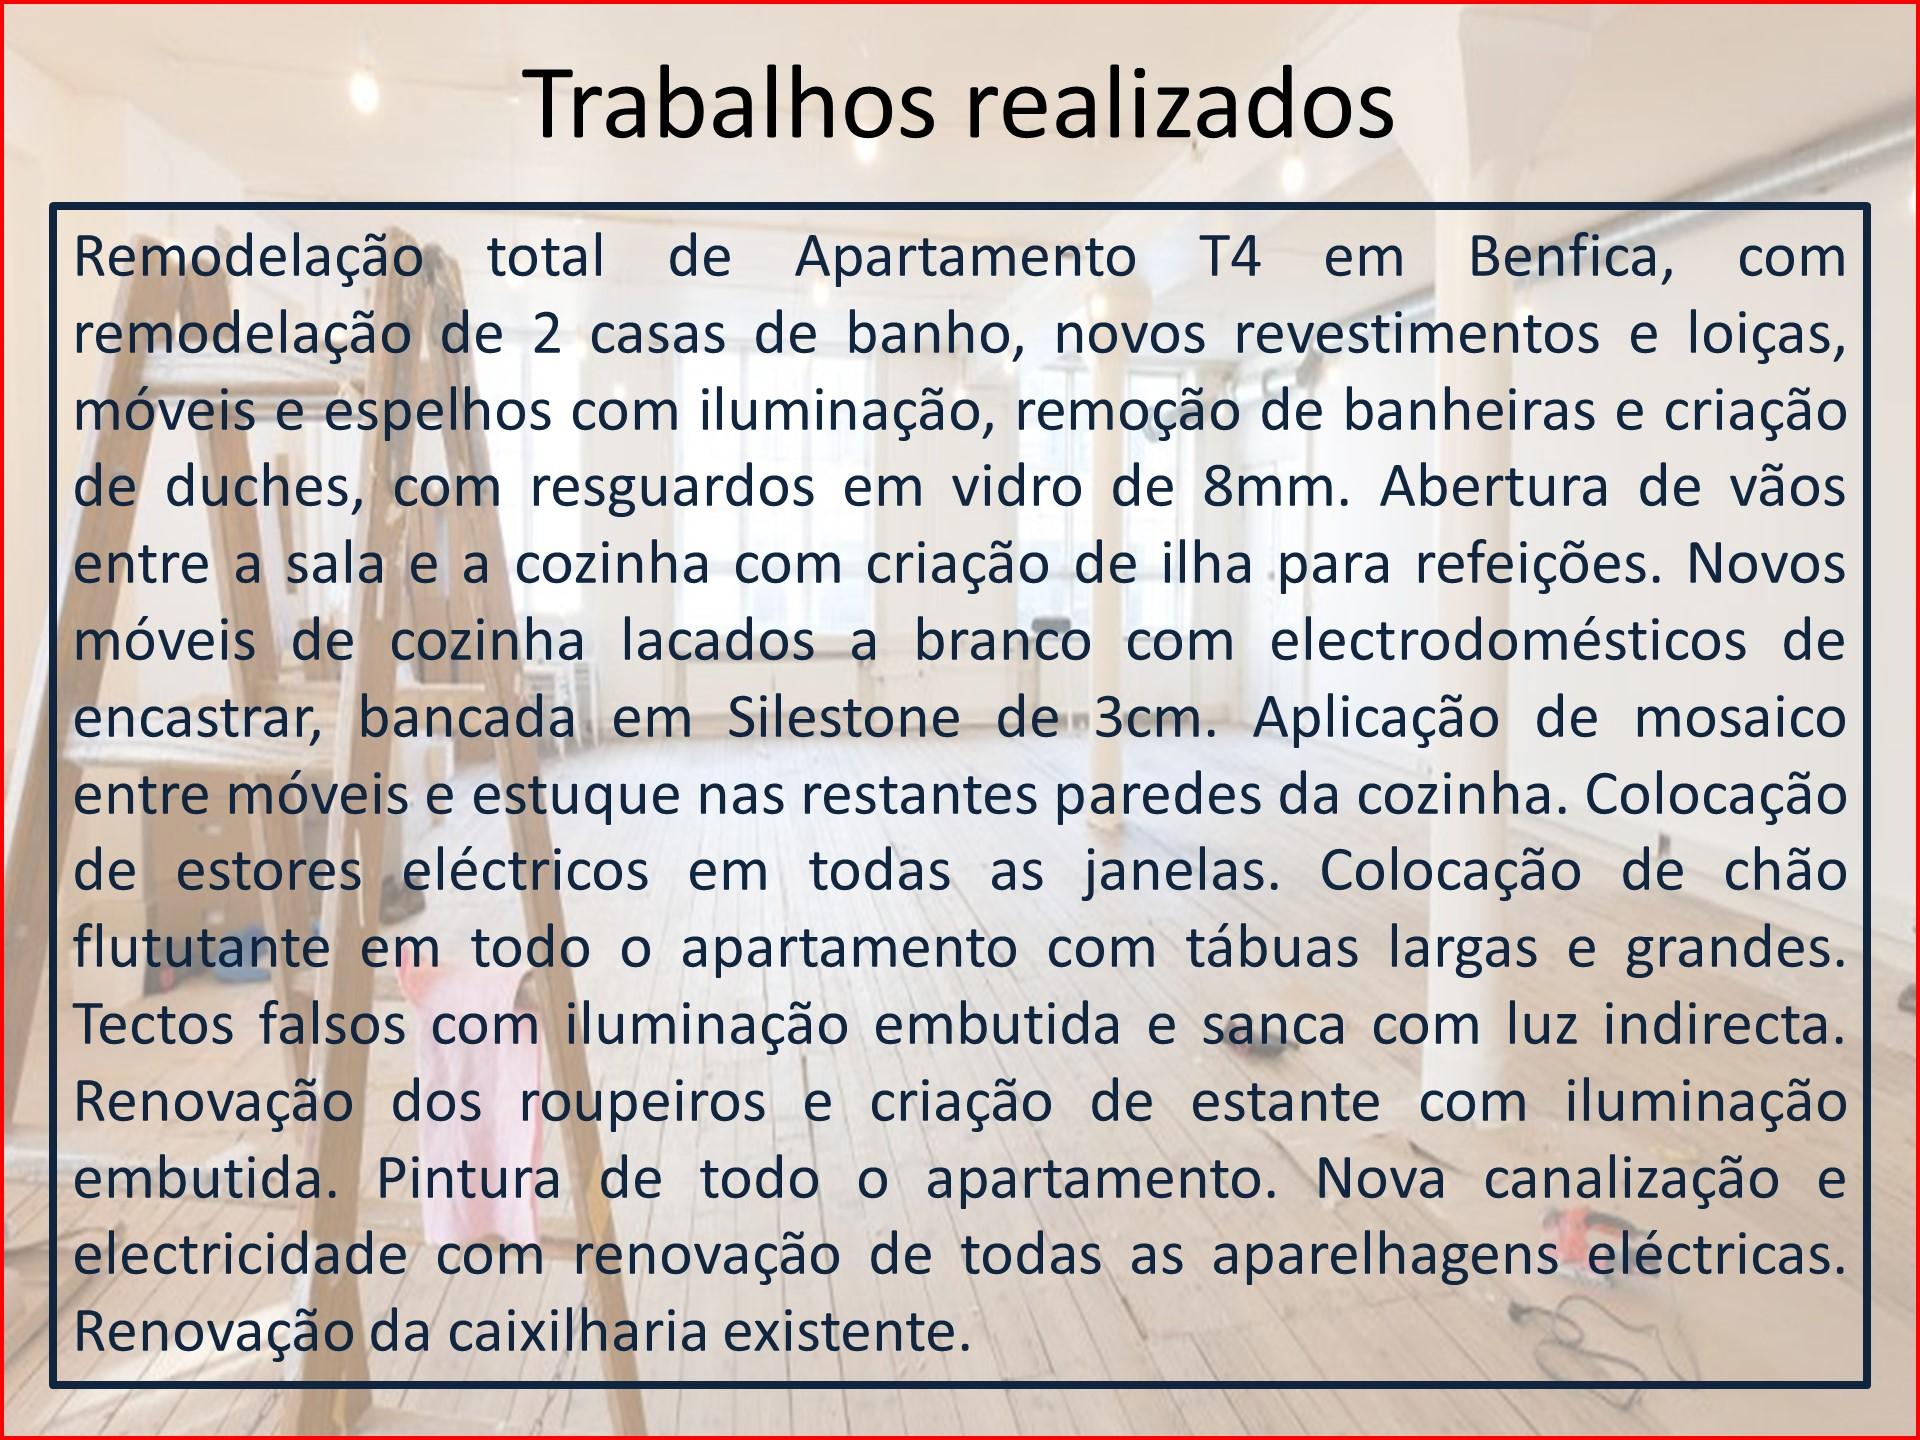 Remodelação Benfica - descrição